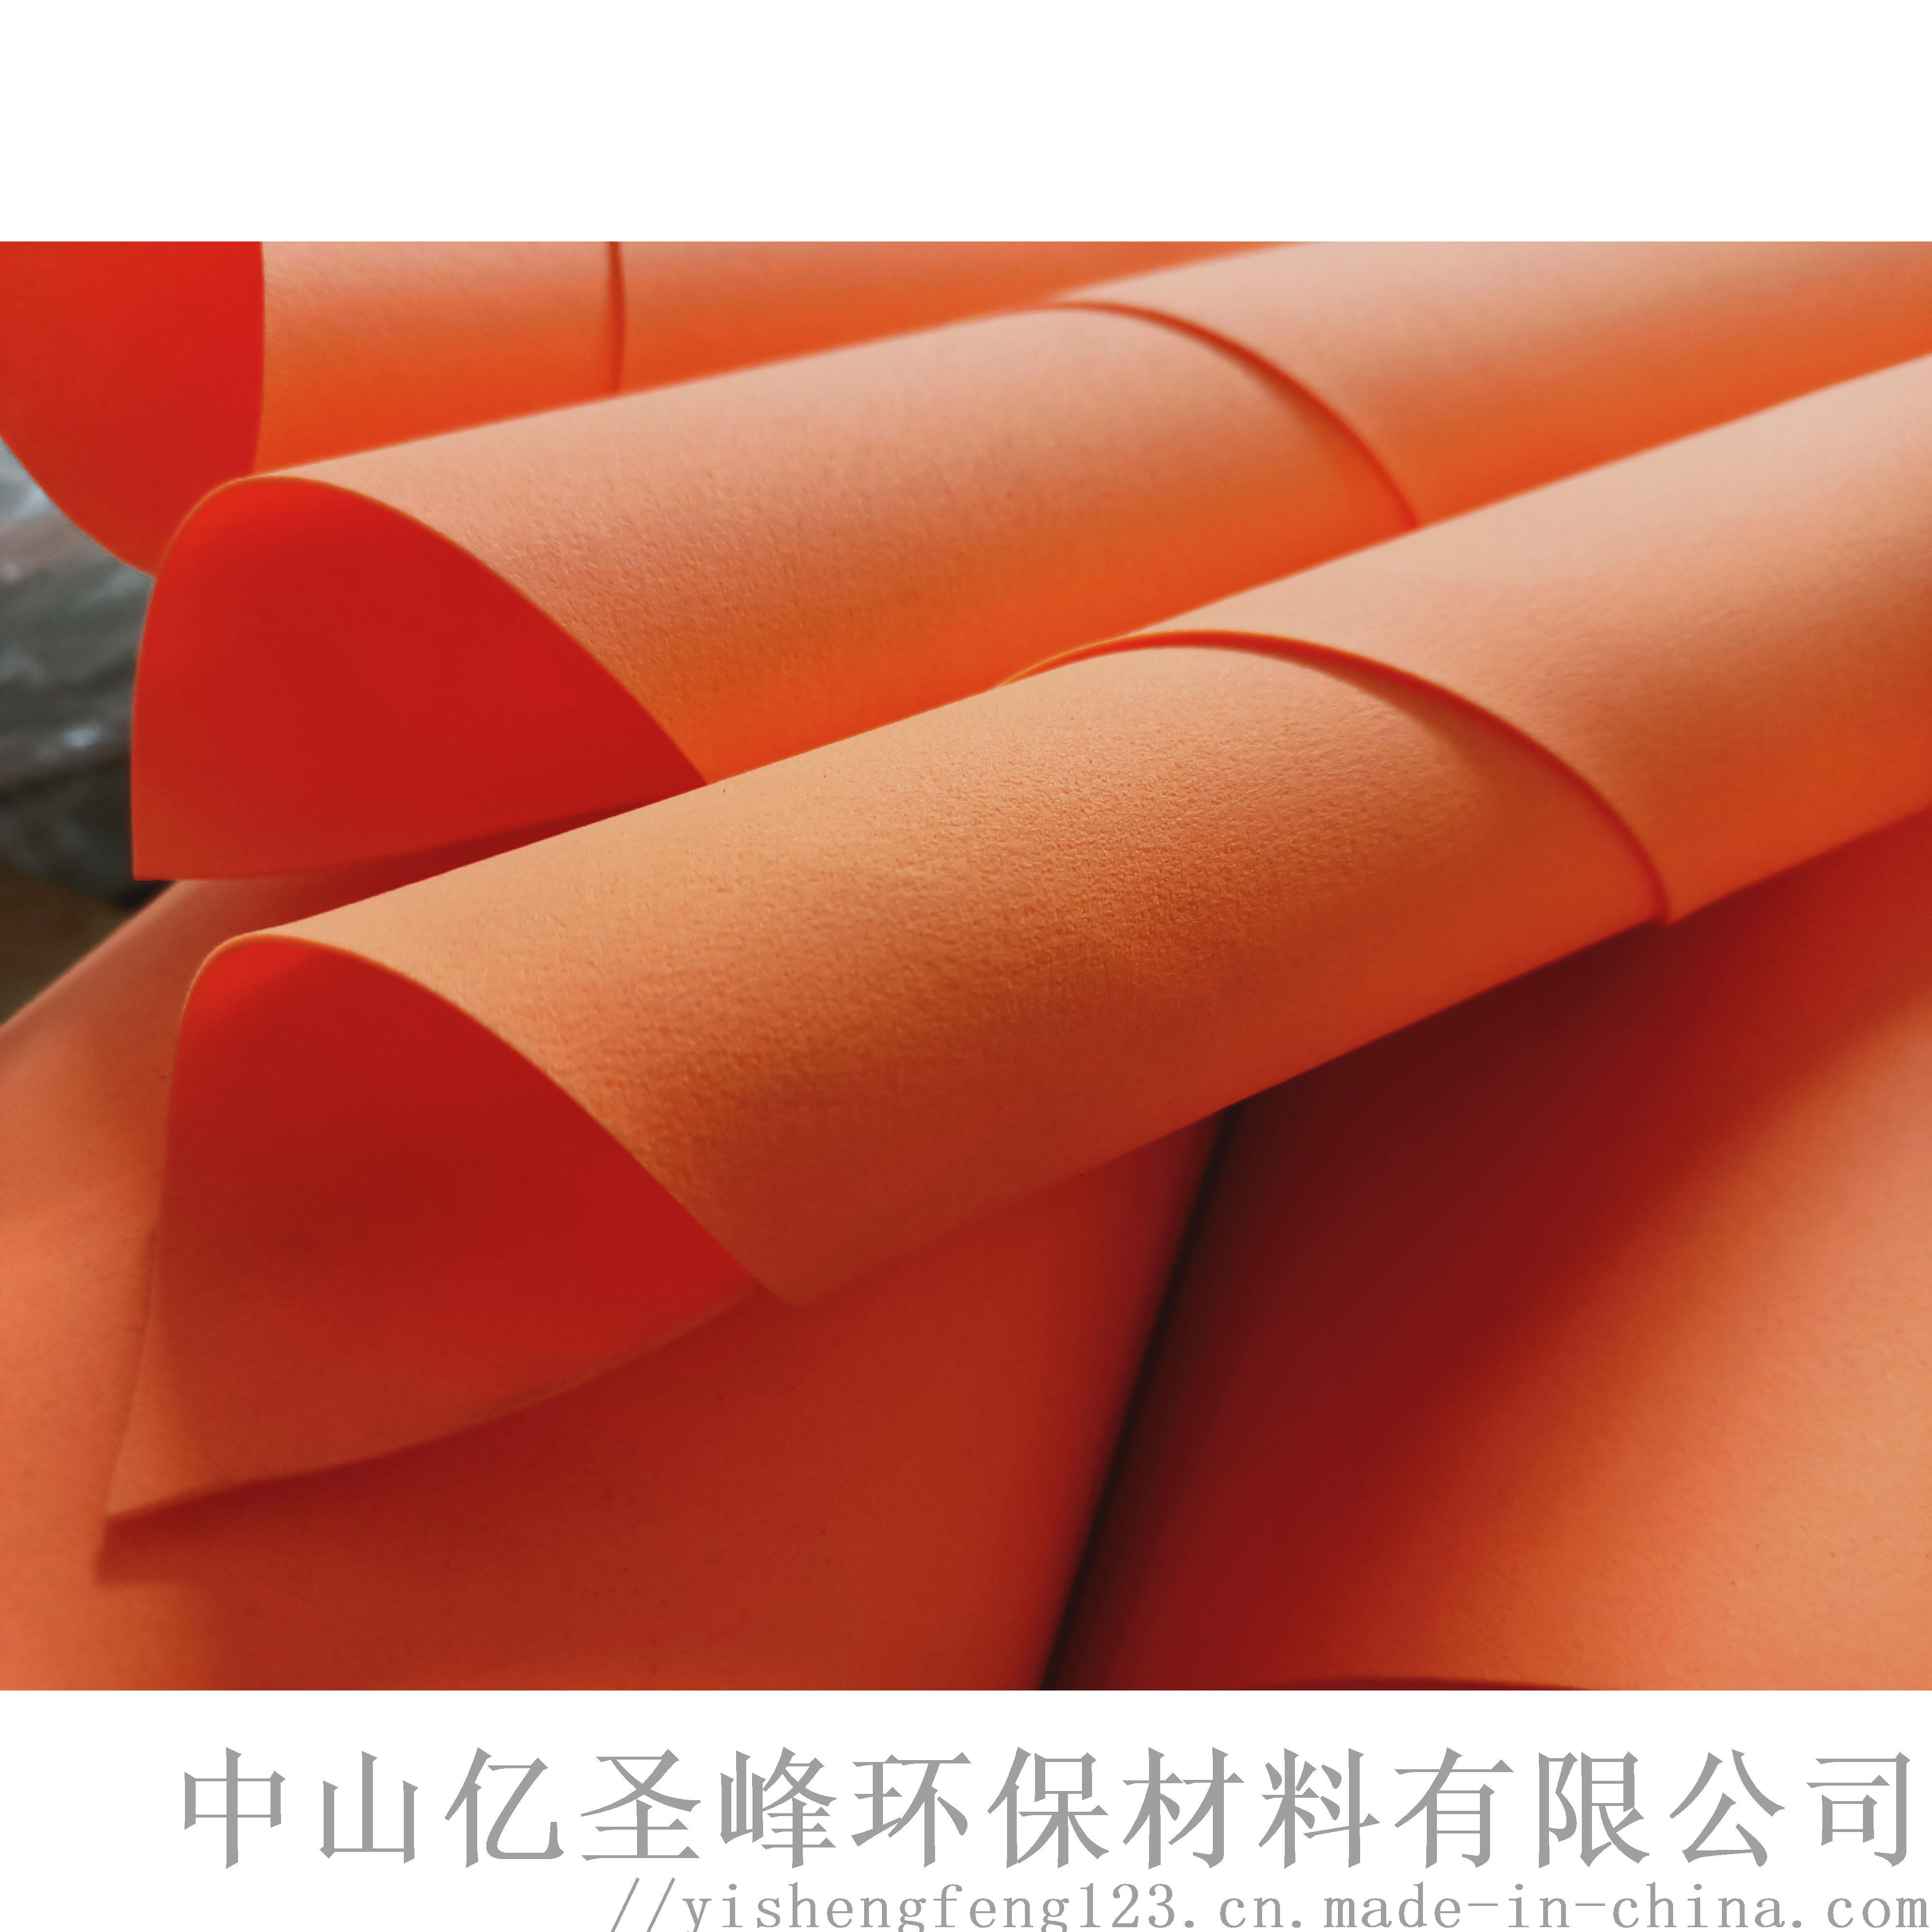 耐磨tpu流延发泡膜商标制作材料845375292